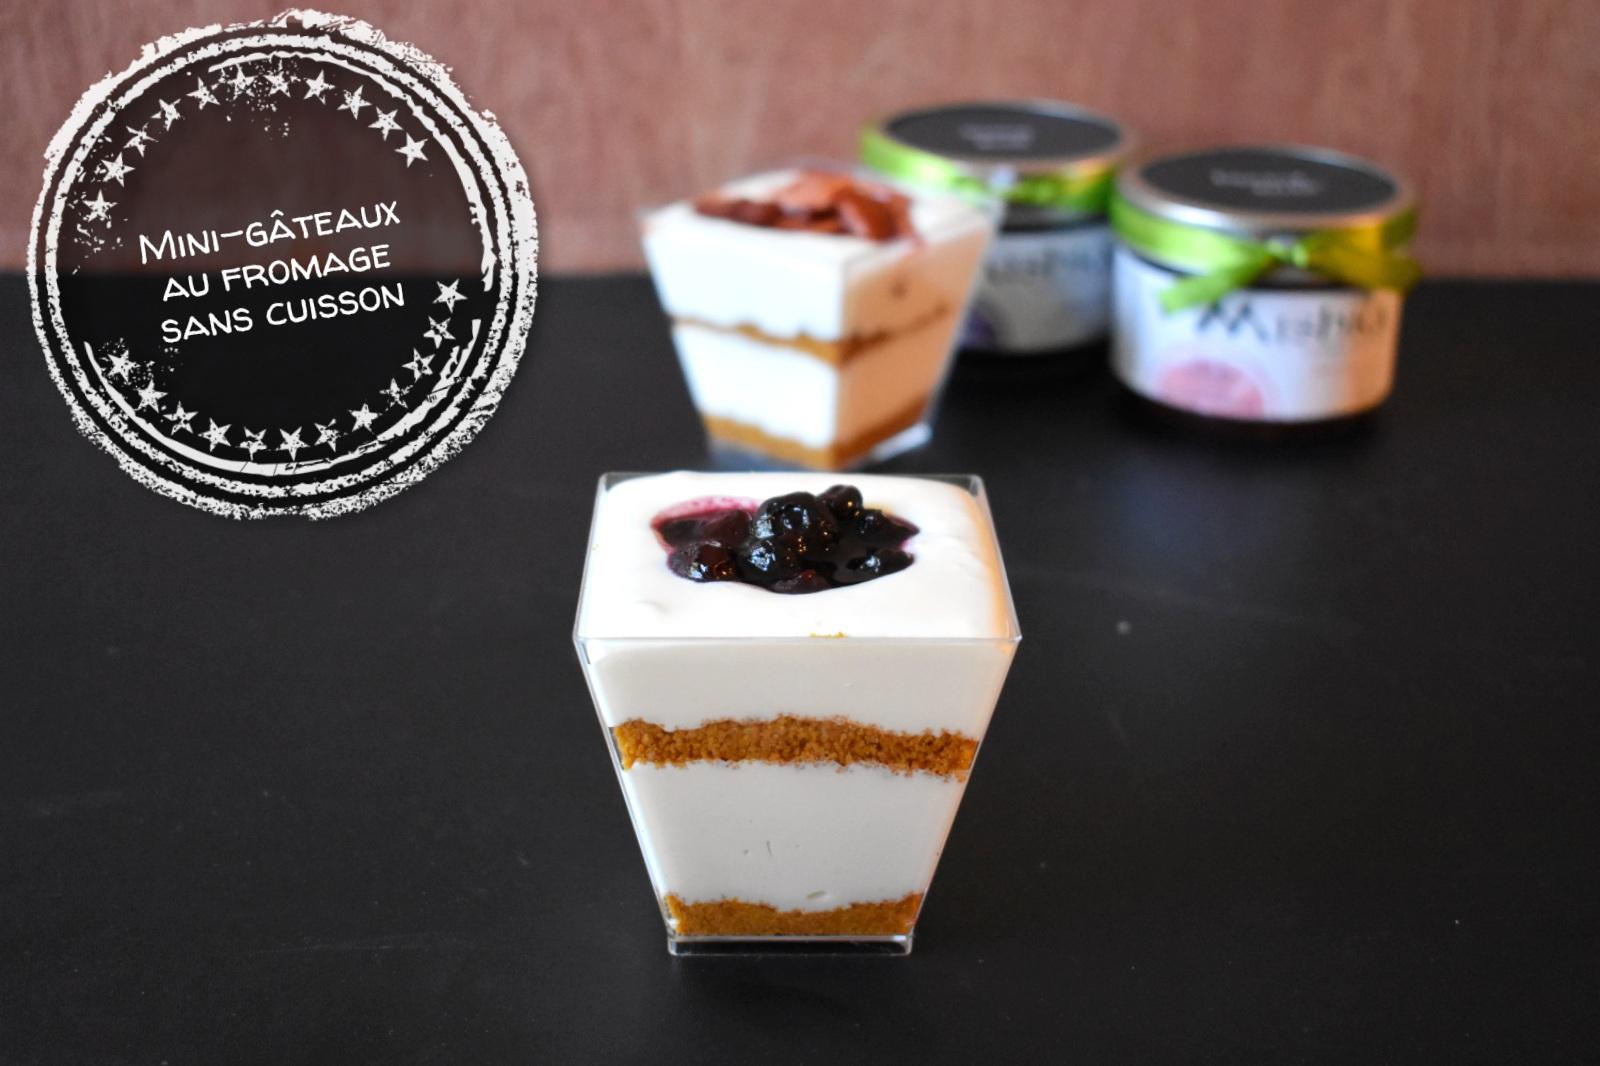 Mini-gâteaux au fromage sans cuisson - Auboutdelalangue.com